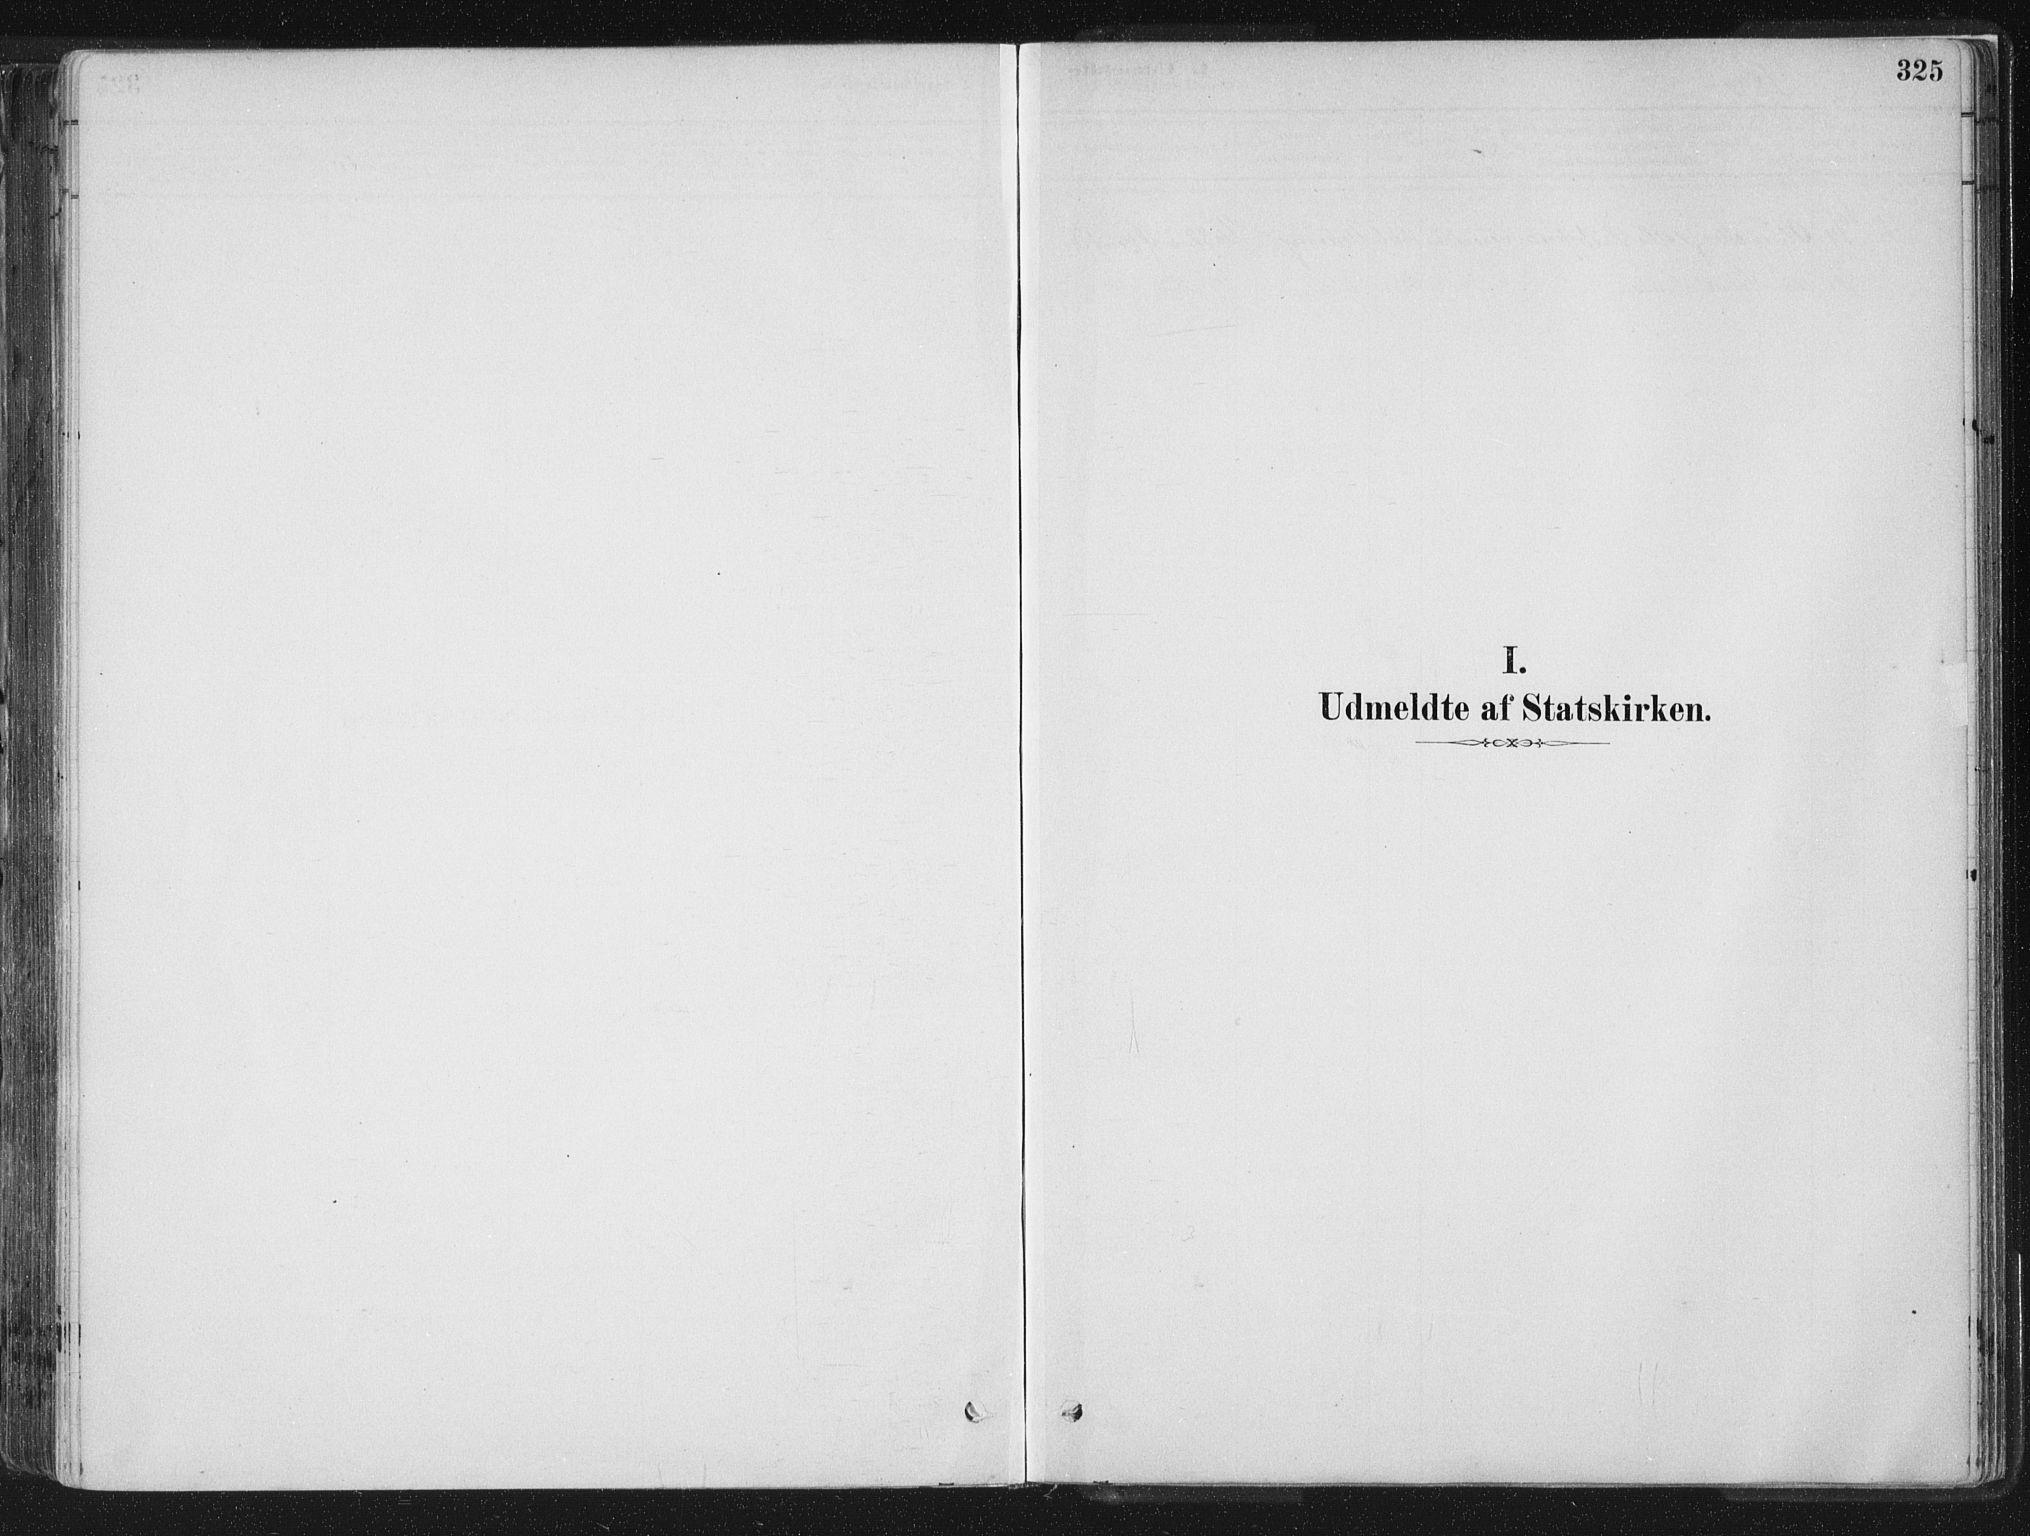 SAT, Ministerialprotokoller, klokkerbøker og fødselsregistre - Sør-Trøndelag, 659/L0739: Ministerialbok nr. 659A09, 1879-1893, s. 325